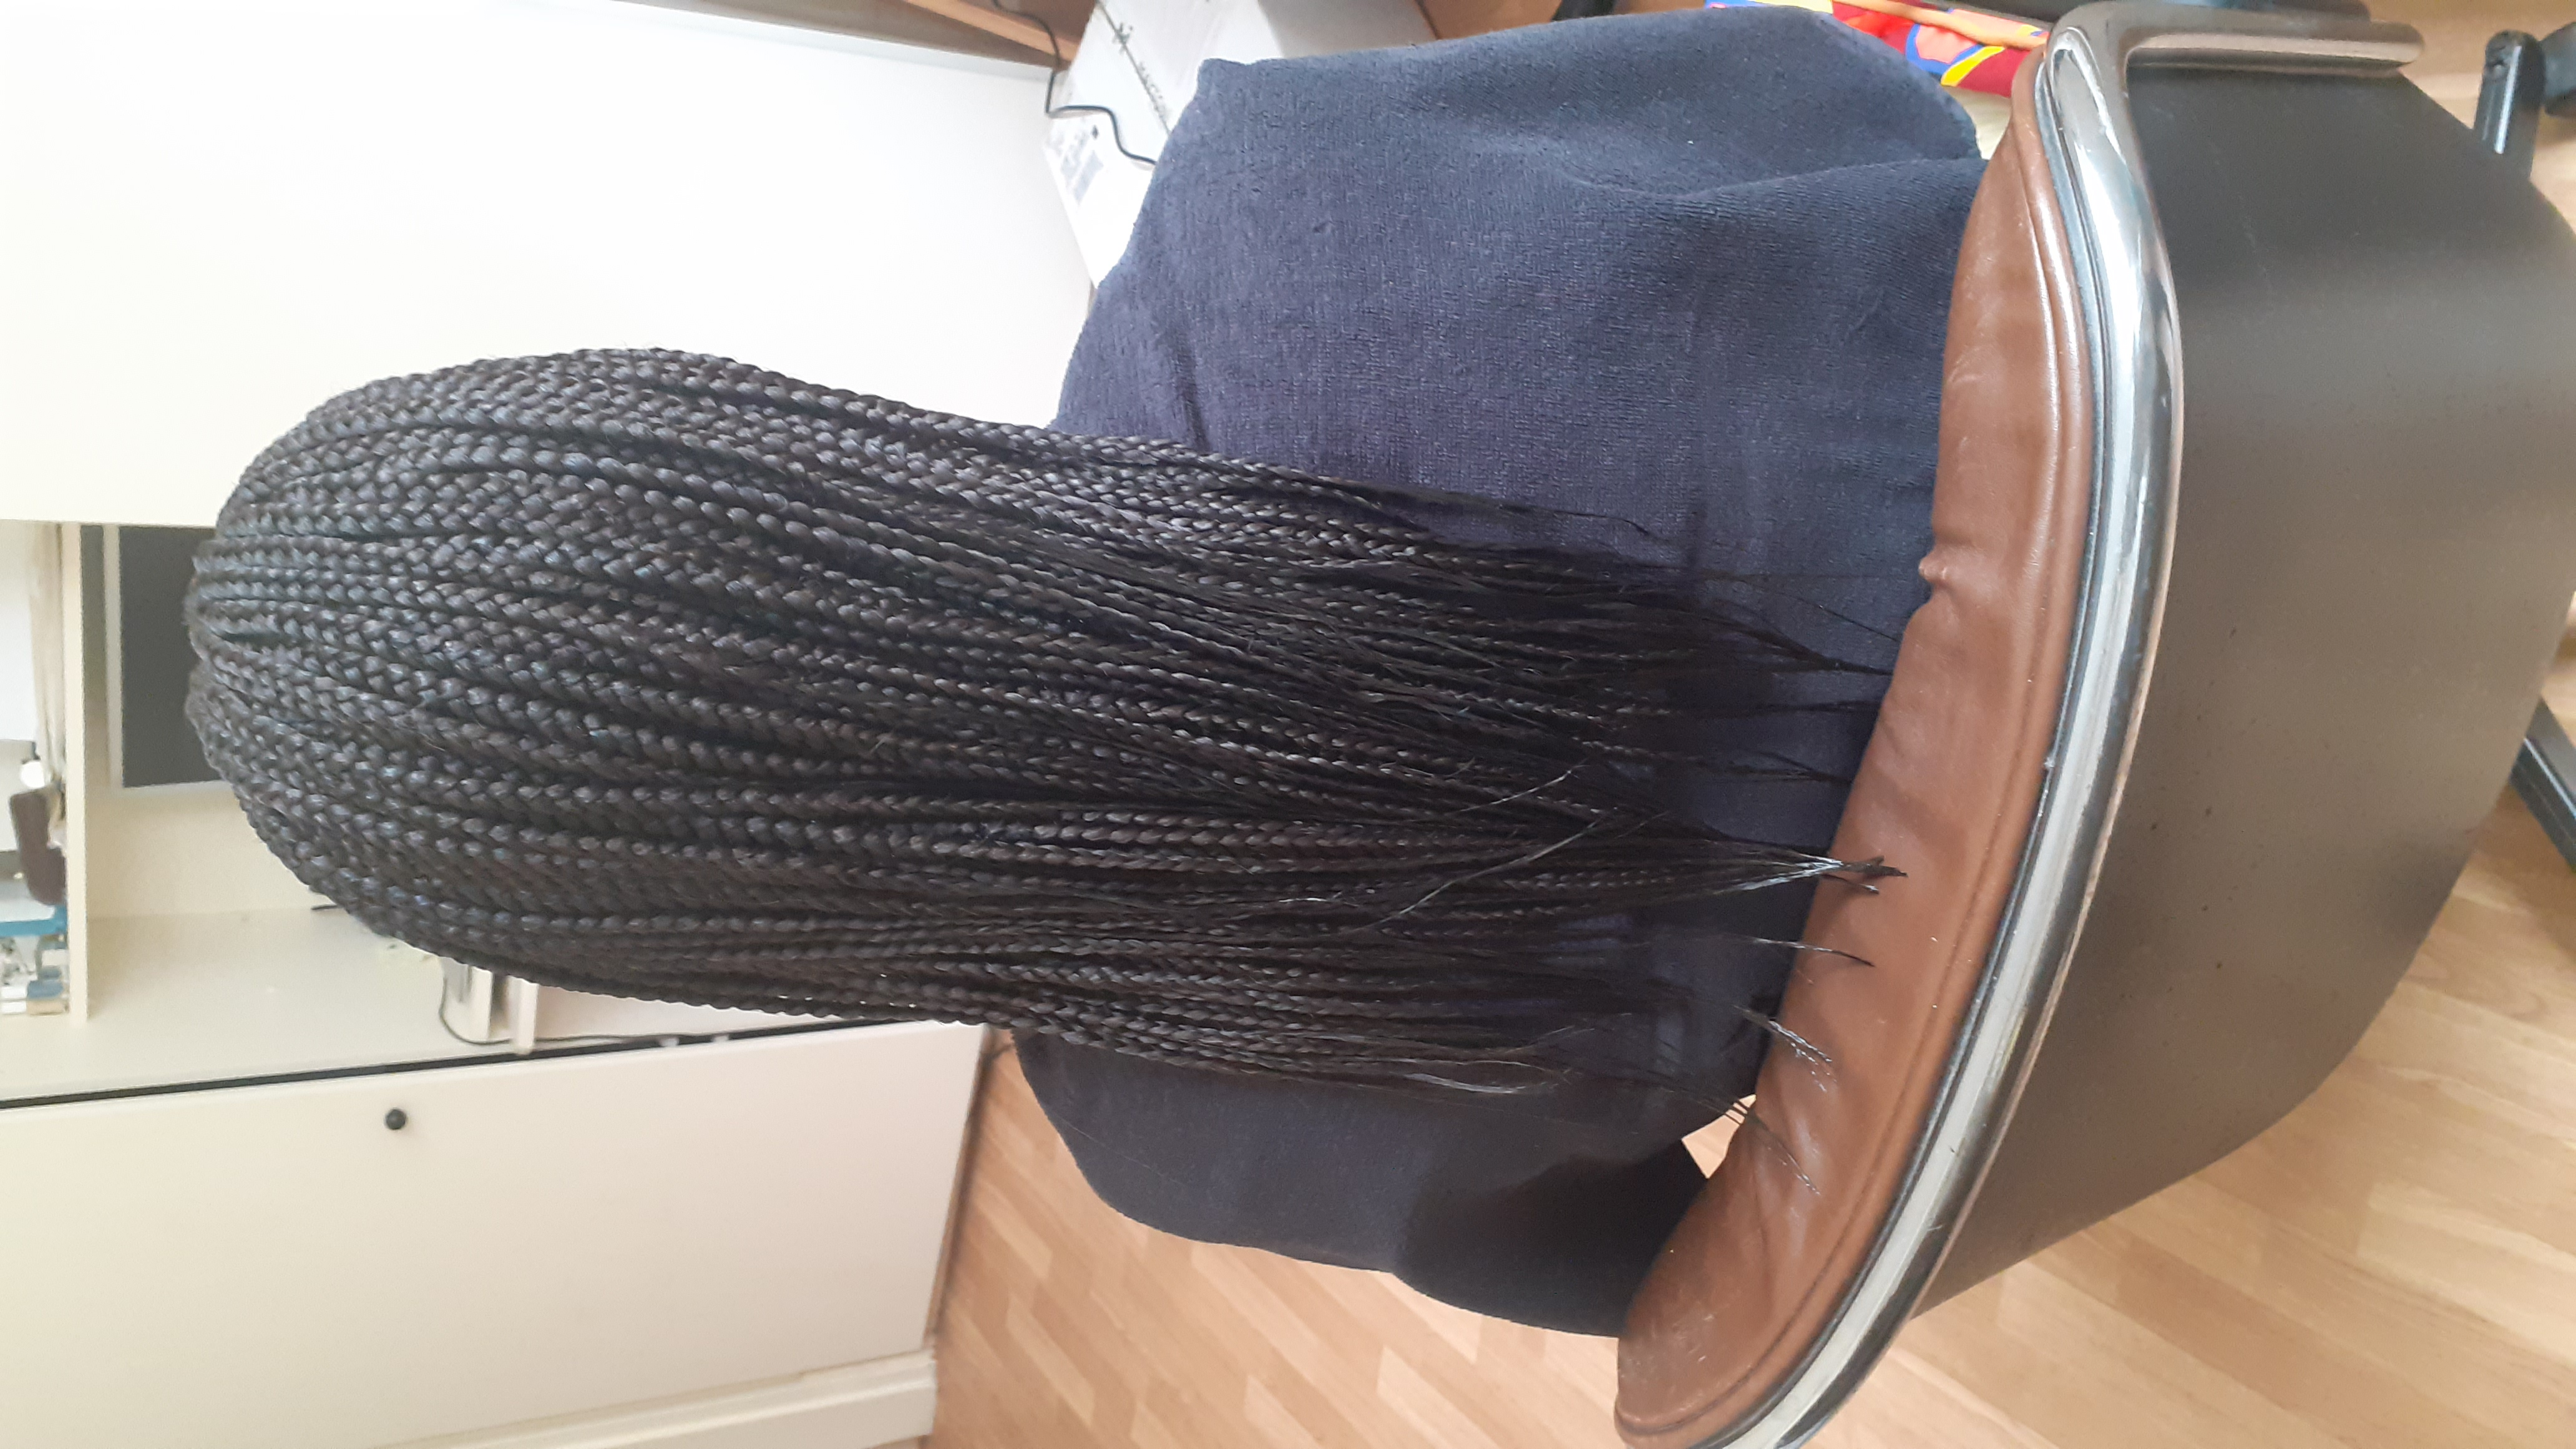 salon de coiffure afro tresse tresses box braids crochet braids vanilles tissages paris 75 77 78 91 92 93 94 95 EMWKHCQK